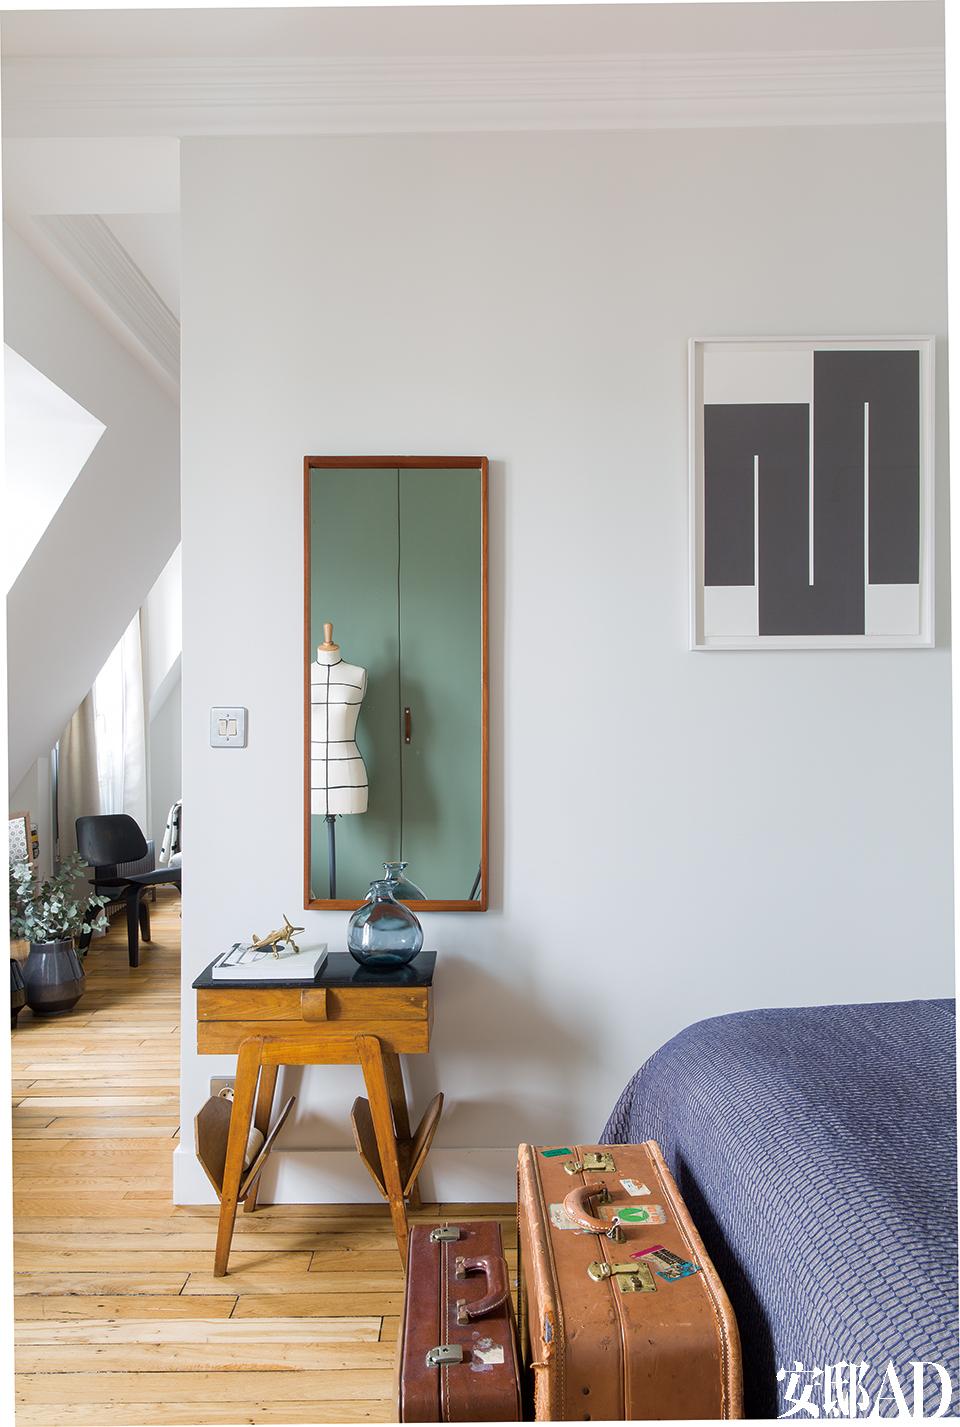 卧室里有一面20世纪60年代的丹麦穿衣镜,购自巴黎的NordikMarket,镜前的小桌子原本在一个服装工作室中用于存放线轴,桌上的玻璃花瓶购自 阿姆斯特丹。墙上的黑白丝网版画是由Julije Knifer在1997~1999年间创作的《Angle》,购自巴黎Gimpel & Müller画廊,床脚的旅行箱都是从巴黎古董市场淘回来的。